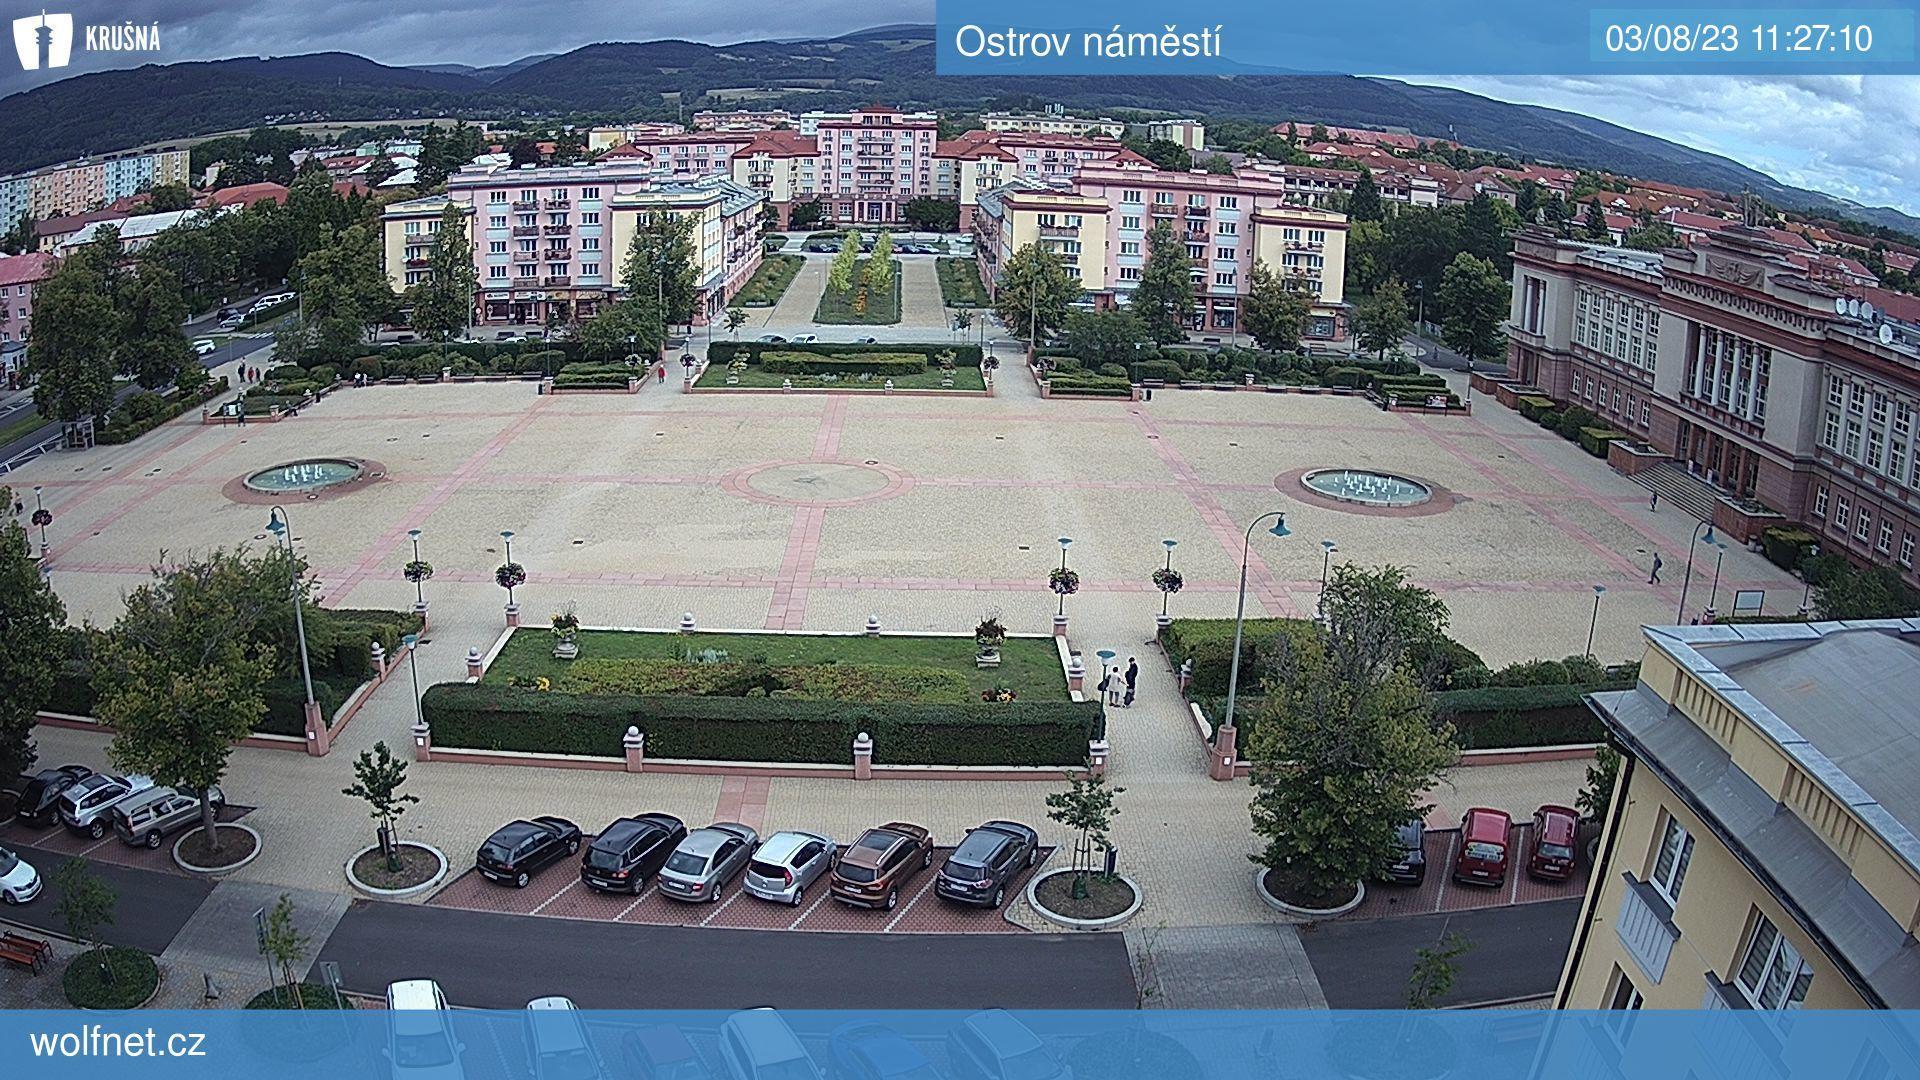 Webkamera Ostrov-namesti